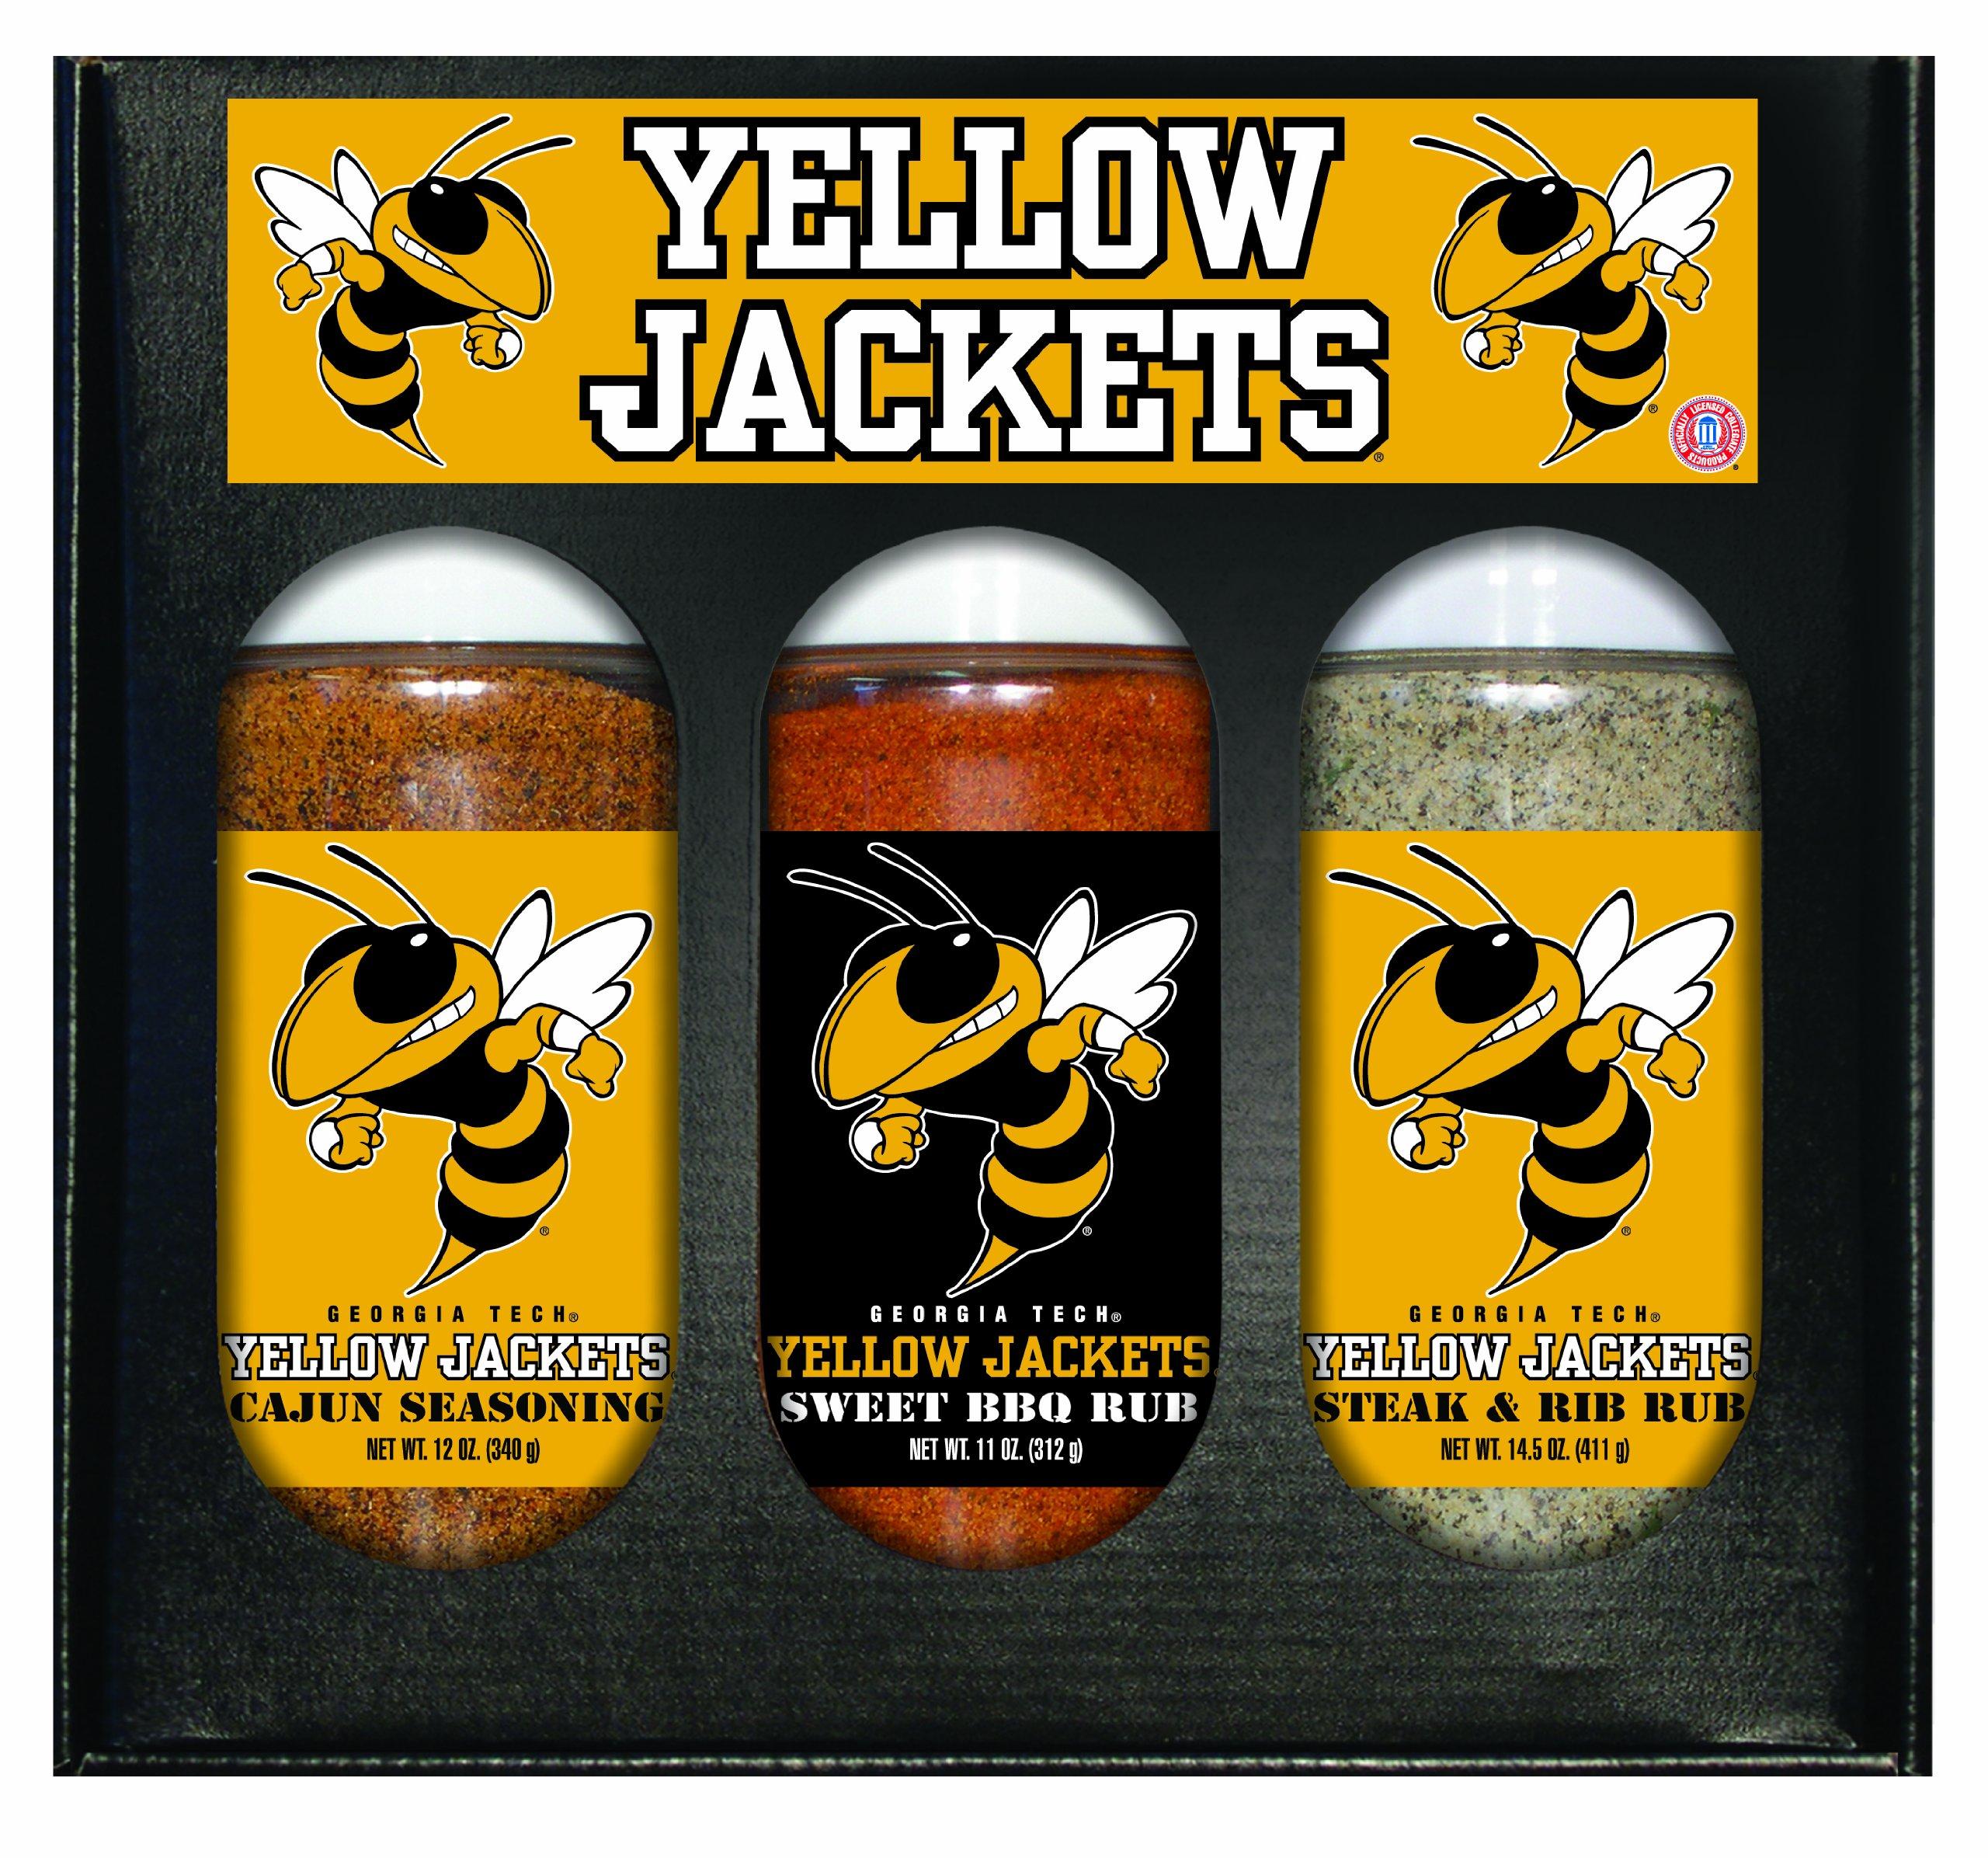 8 Pack GEORGIA TECH Yellow Jackets Boxed Set of 3 (Cajun Seas,Stk/Rib Rub, BBQ Rub)